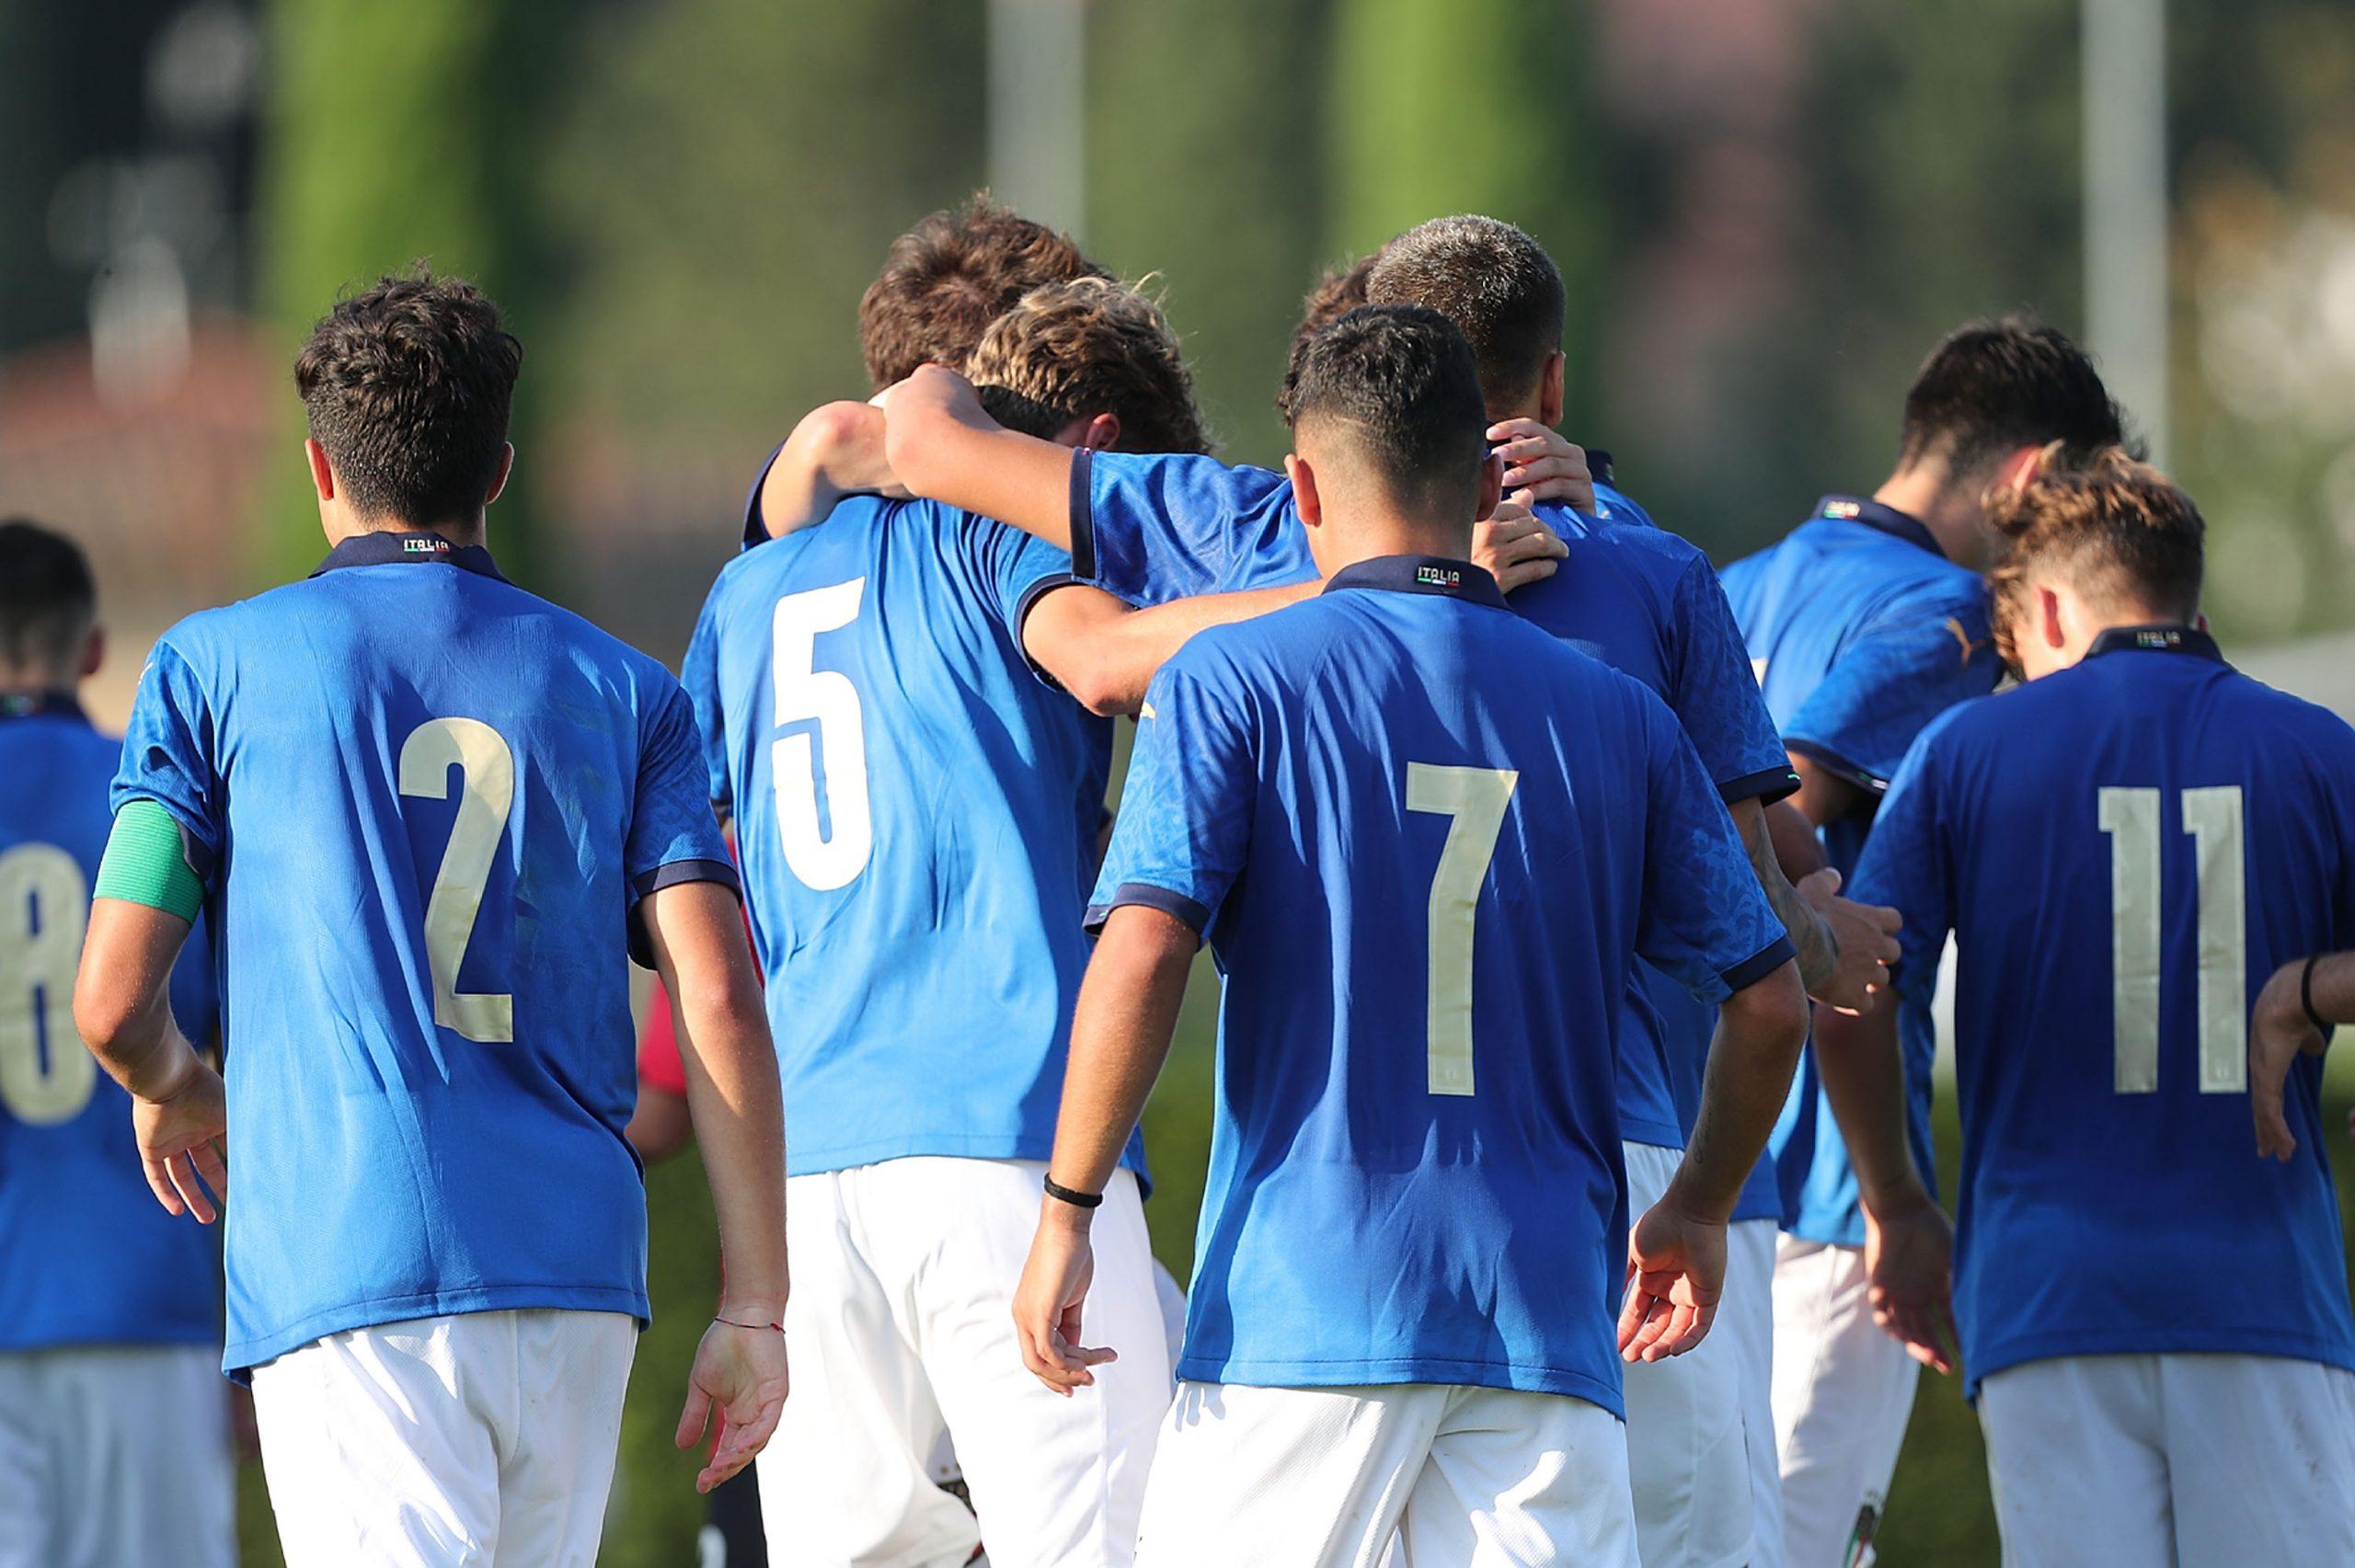 Italia U18: Franceschini convoca 23 Azzurrini per amichevole con i Paesi  Bassi - Tutto Calcio Dilettanti